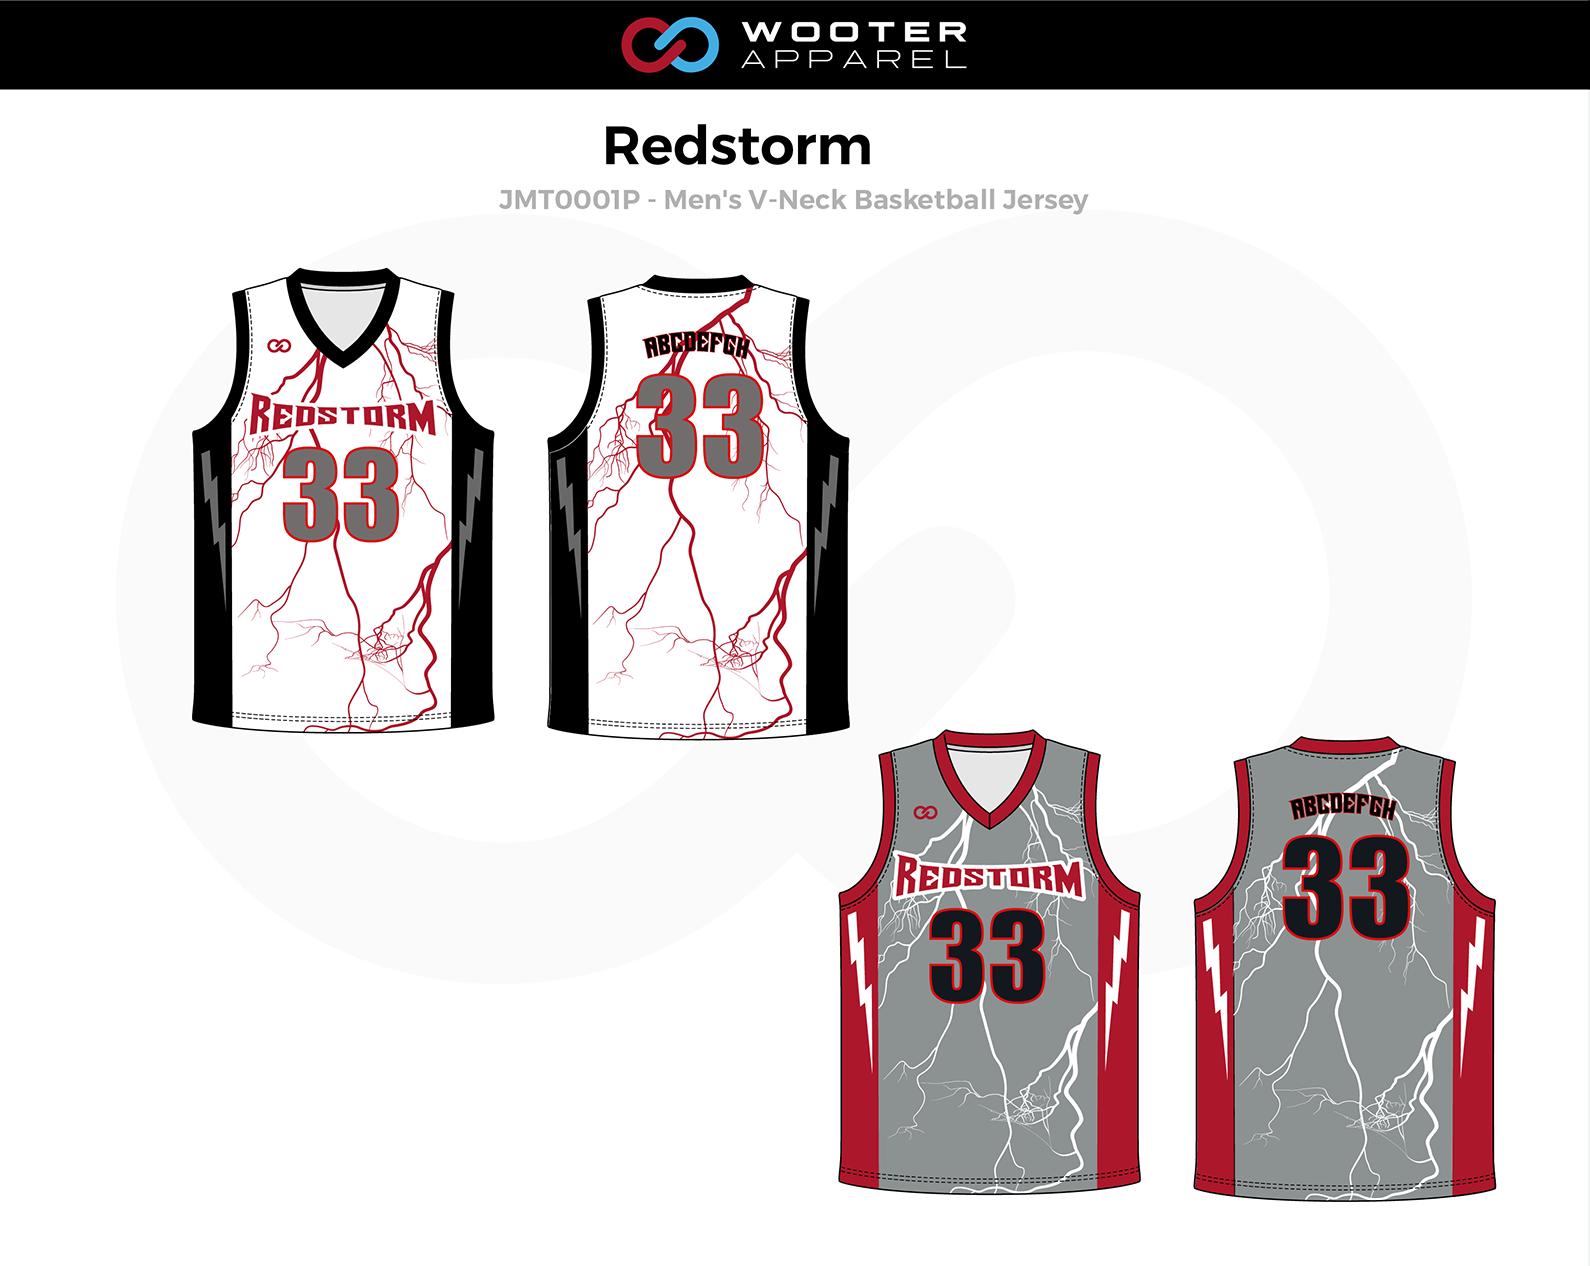 Redstorm - Men's V-Neck Reversible Basketball Jersey-01.png